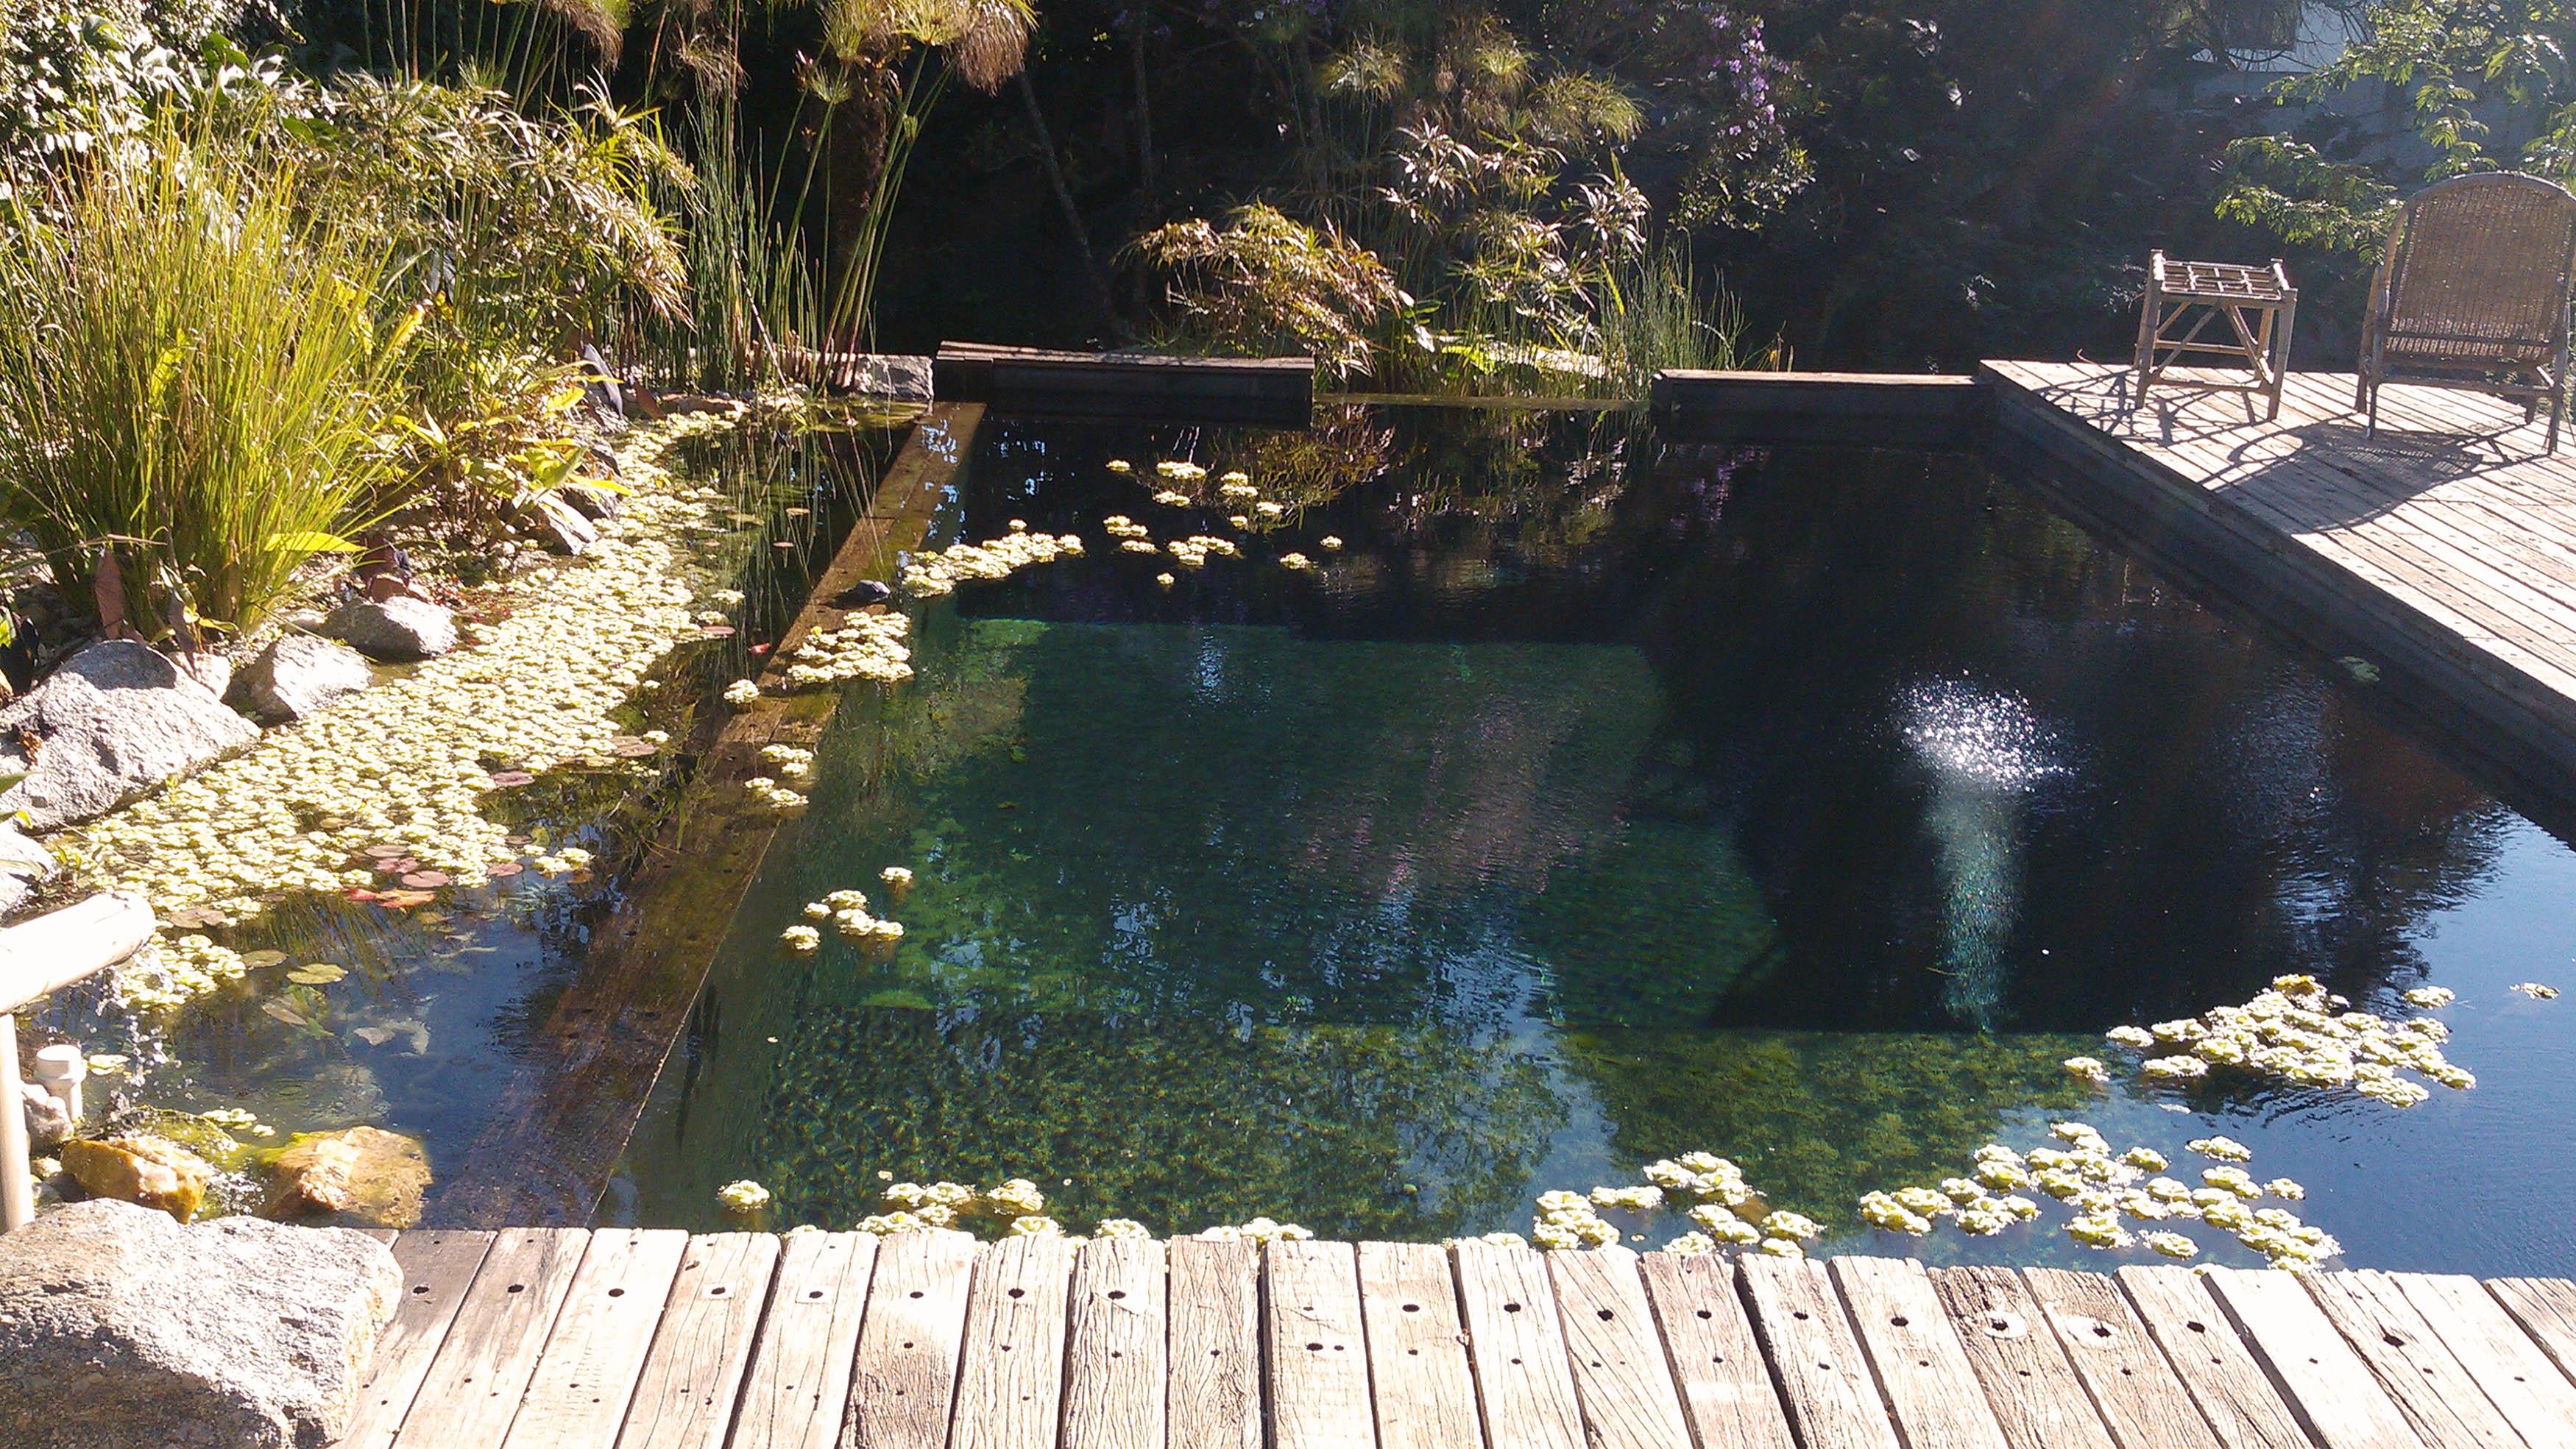 Bionatare piscinas biol gicas piscinas naturais for Piscinas biologicas